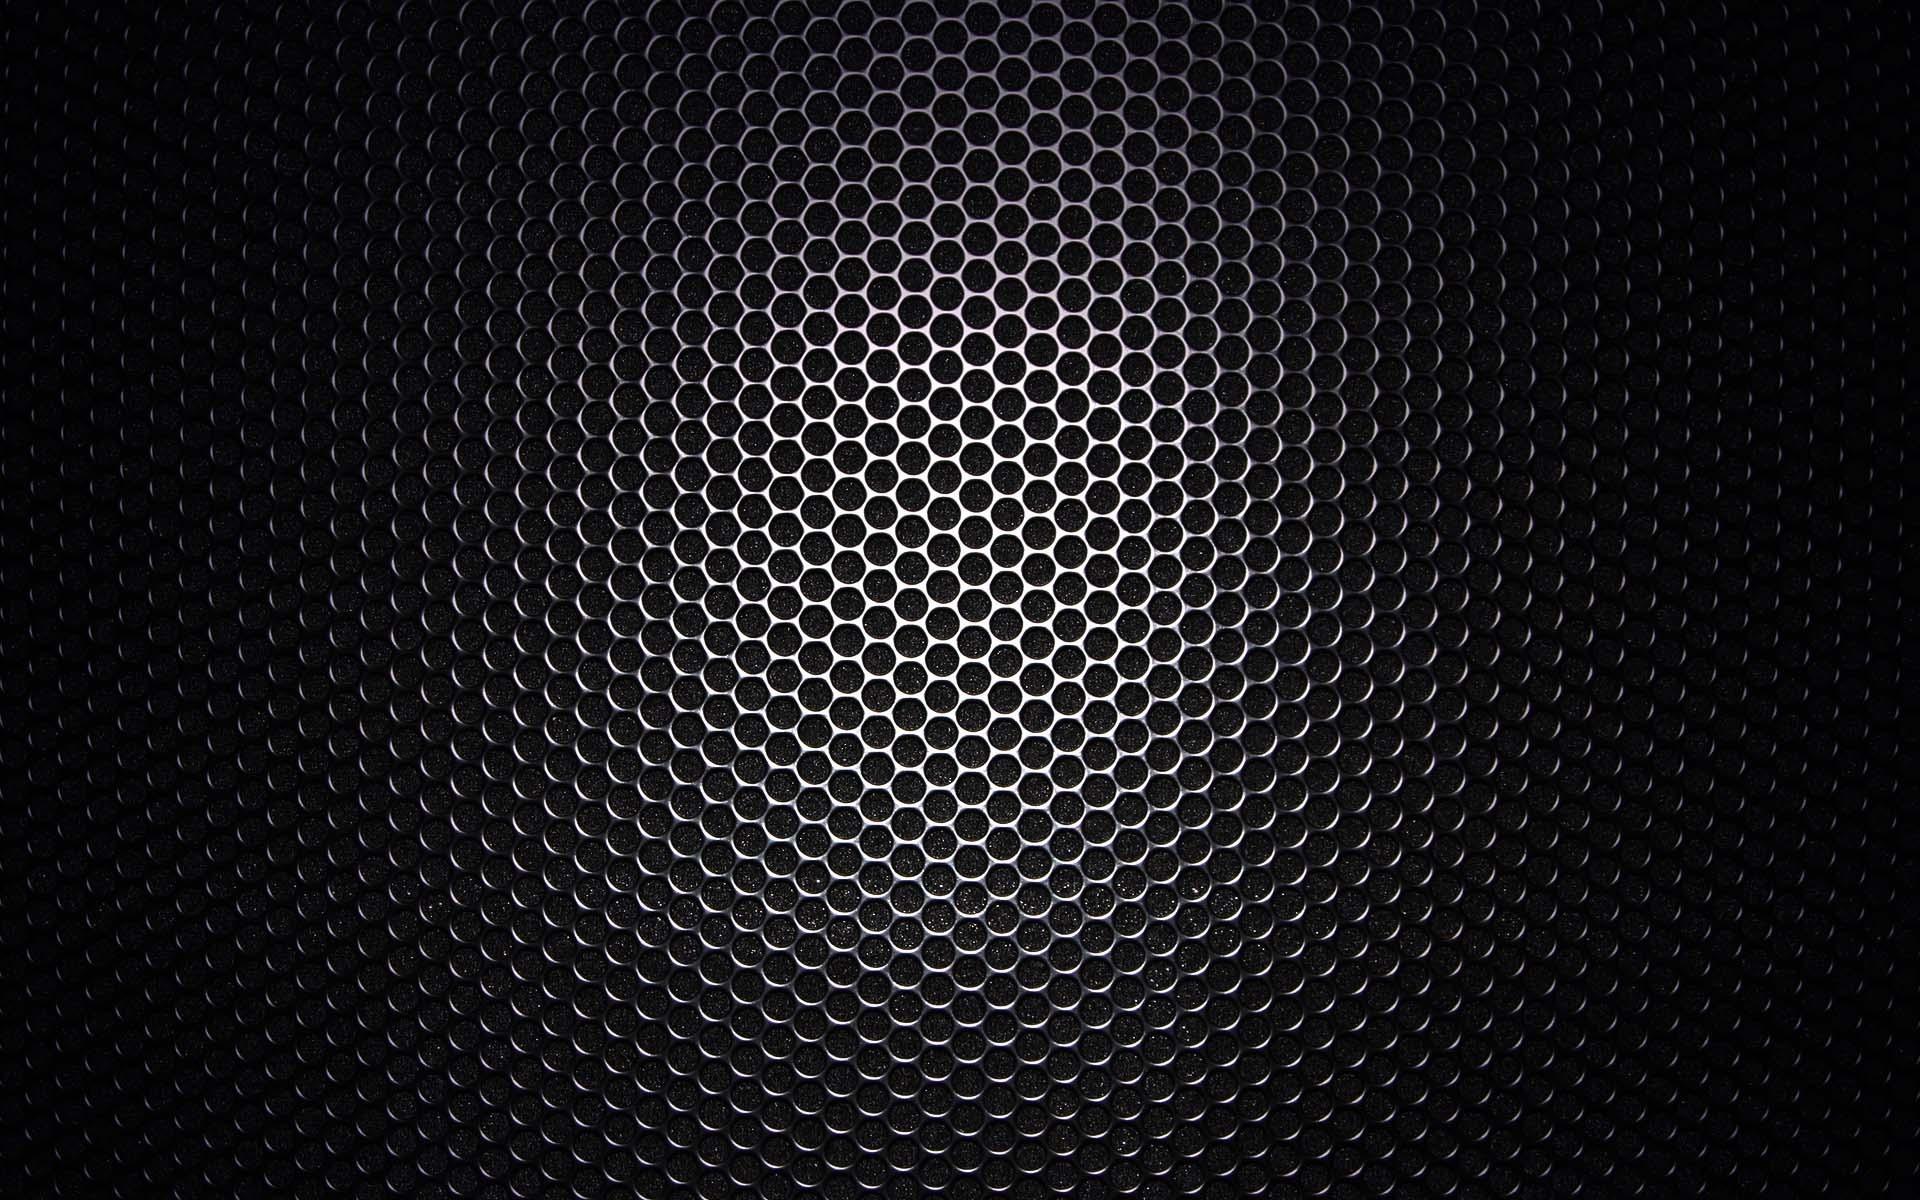 Dark Textures clipart grid Metal??????? grid metal download grid